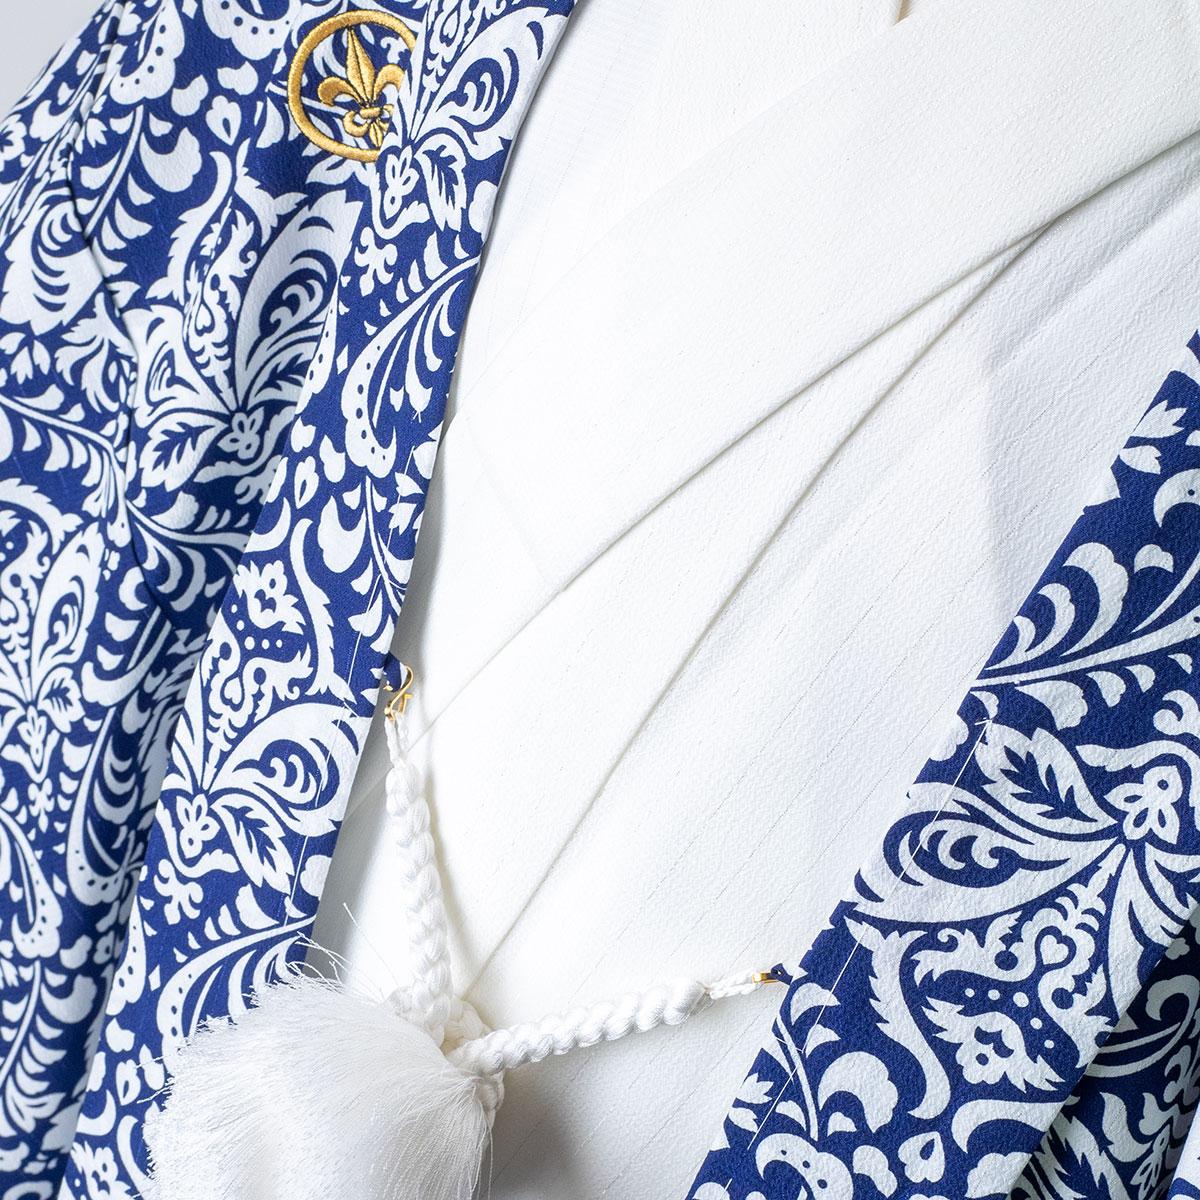 |送料無料|【レンタル】【成人式】【対応身長170cm-180cm】男性用レンタル紋付き袴フルセット